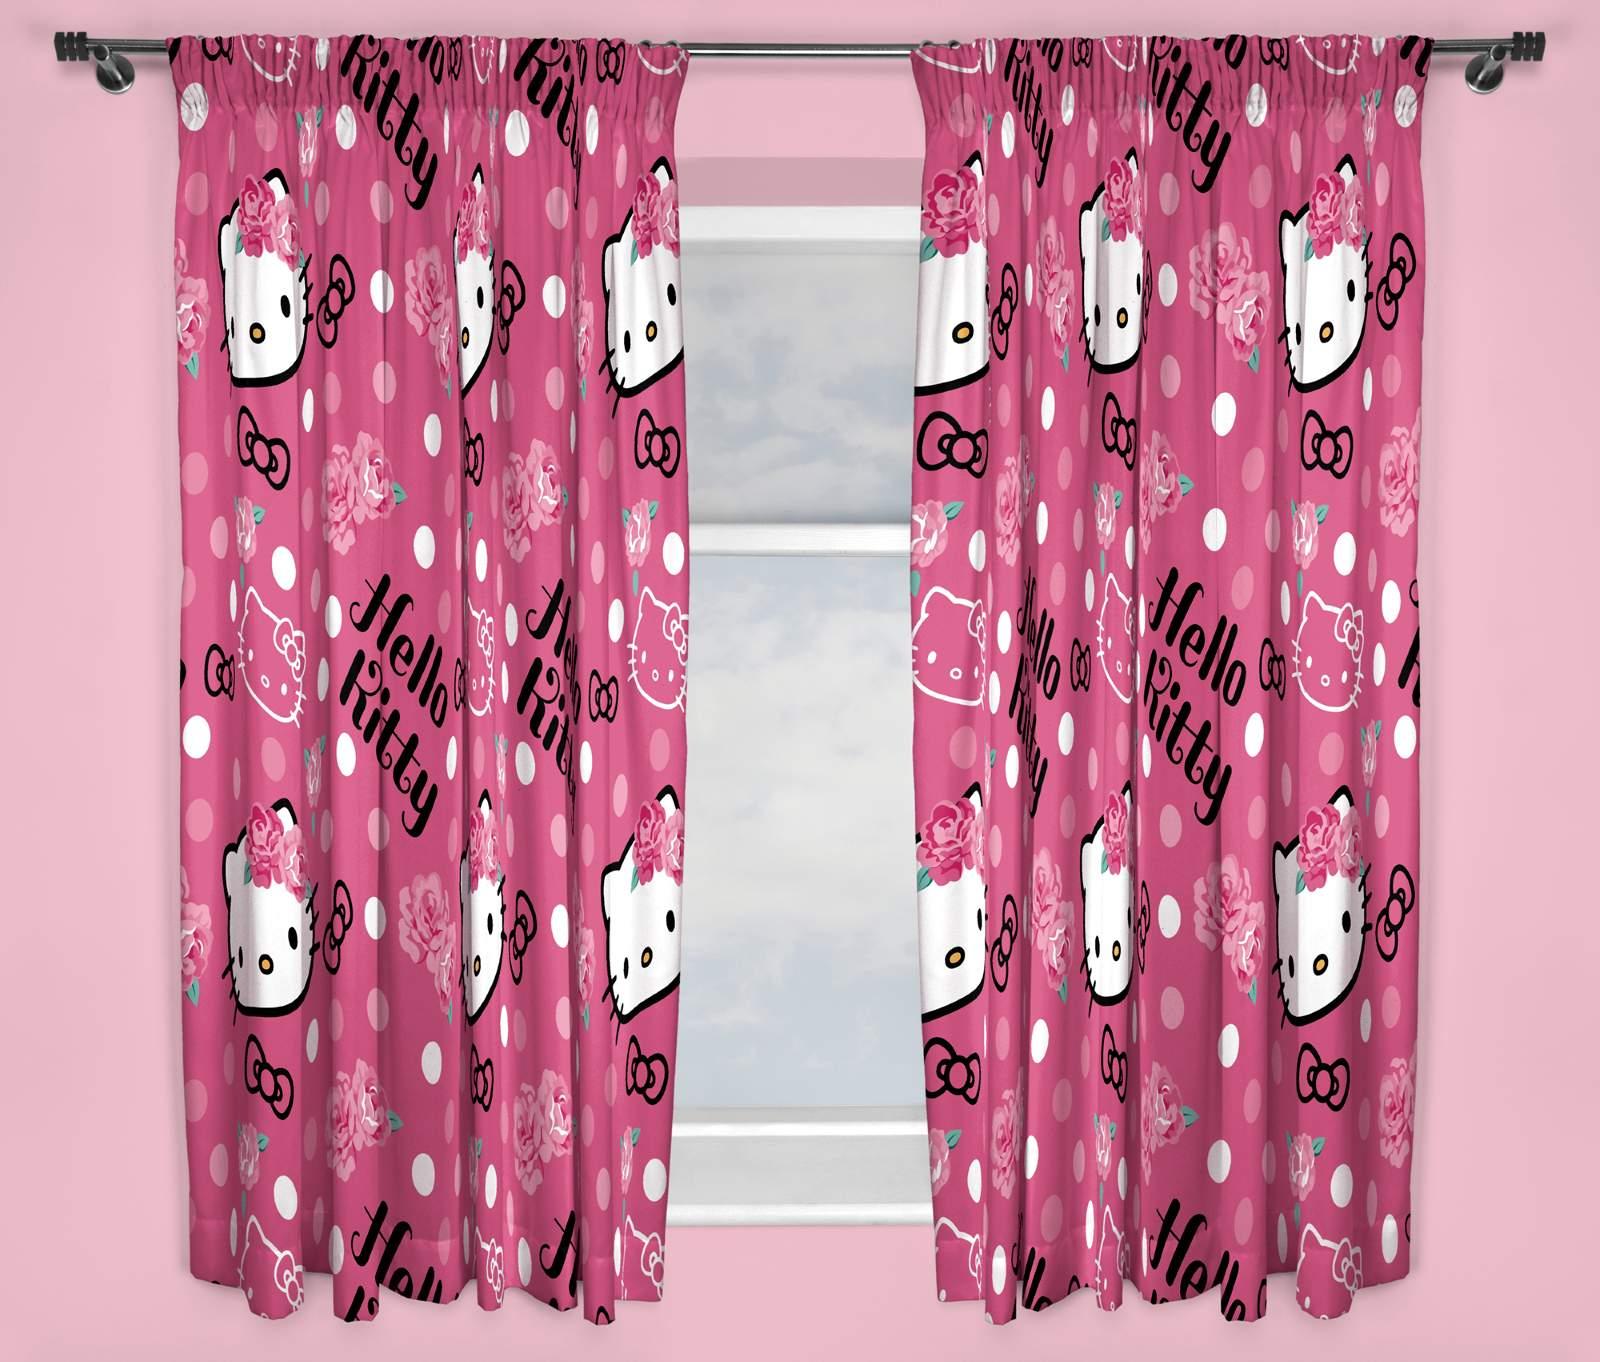 hello kitty sommerwind pink vorh nge 168cmx137cm. Black Bedroom Furniture Sets. Home Design Ideas